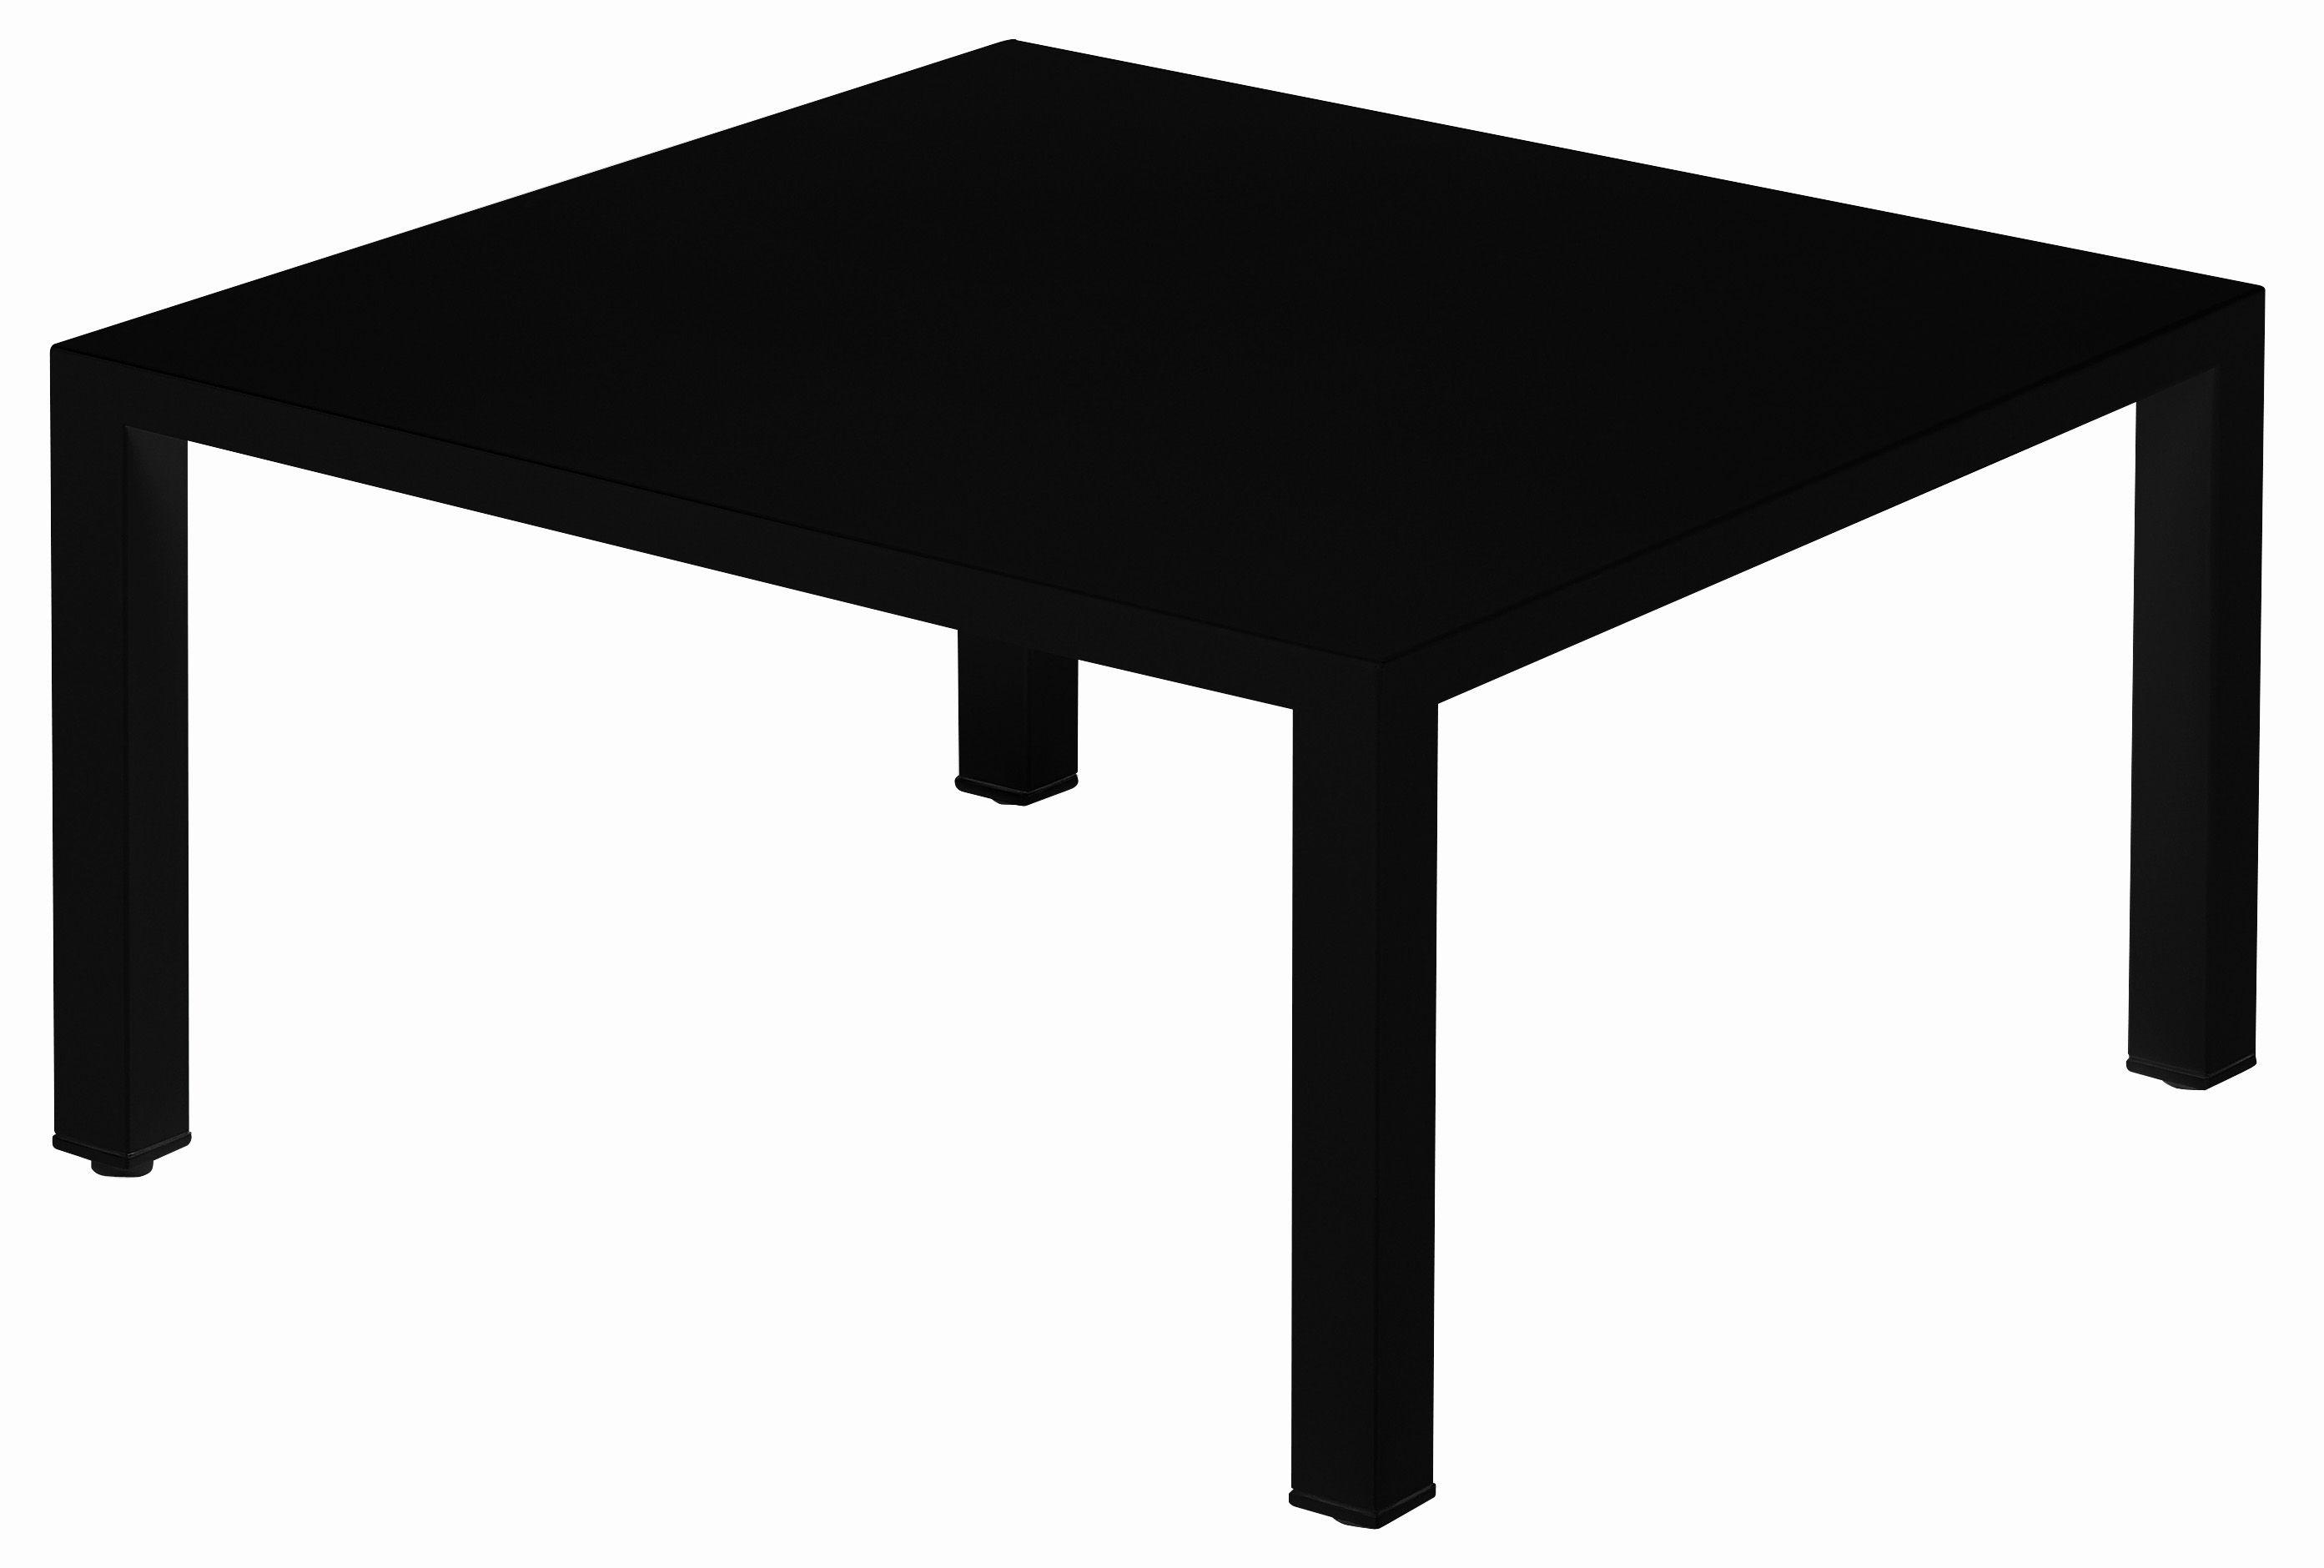 Möbel - Couchtische - Round Couchtisch - Emu - Schwarz - Stahl